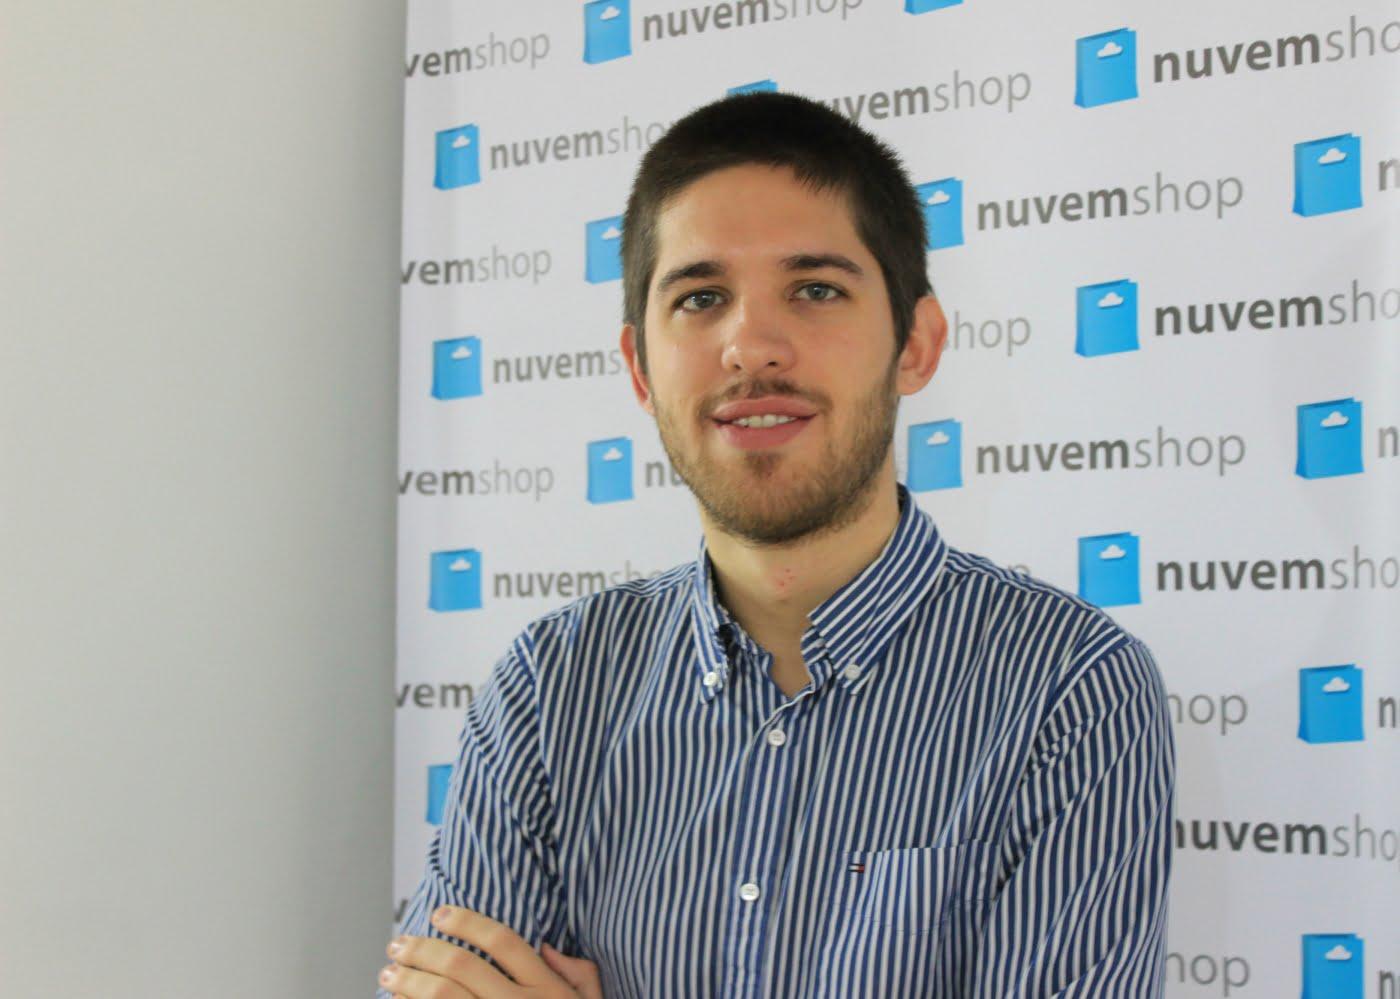 Argentino, Alejandro Vázquez se mudou para o Brasil em busca de sucesso como empreendedor digital. Dividiu um apartamento de 25 m² enquanto entendia o jeito do brasileiro — e aprendia o que é empatia.